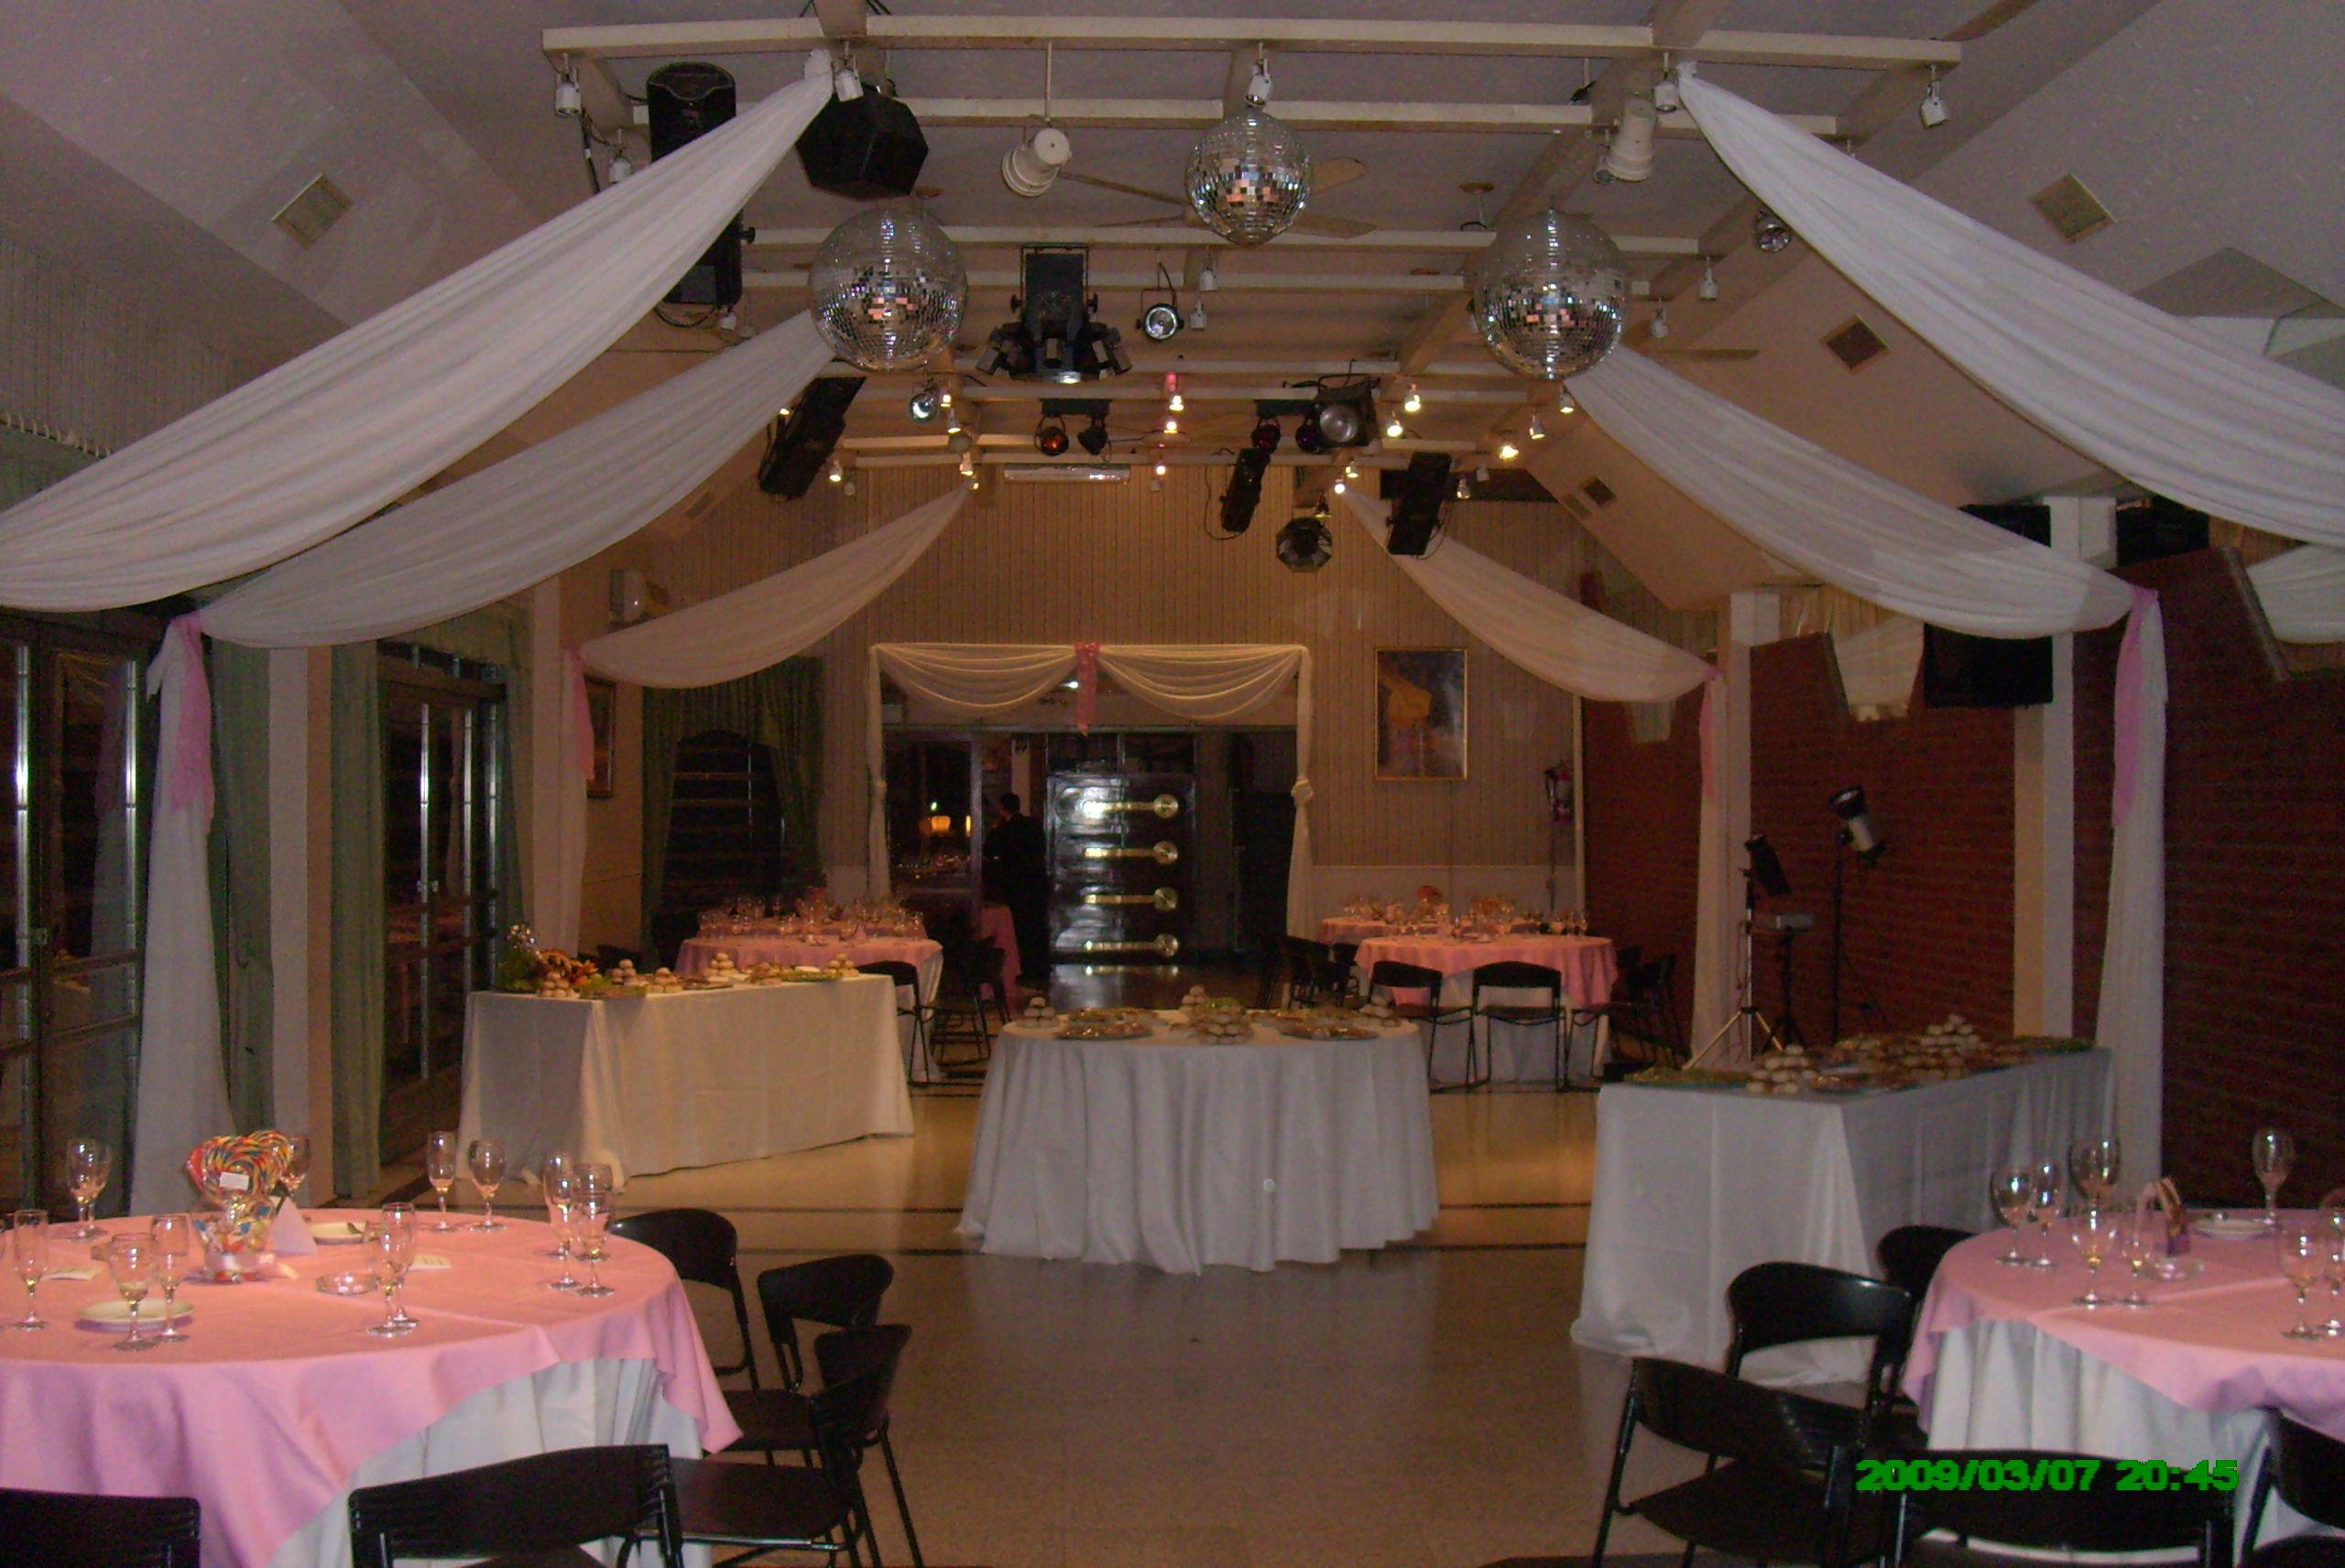 Decoracion de salones con telas para 15 a os buscar con for Decoracion sencilla habitacion nina